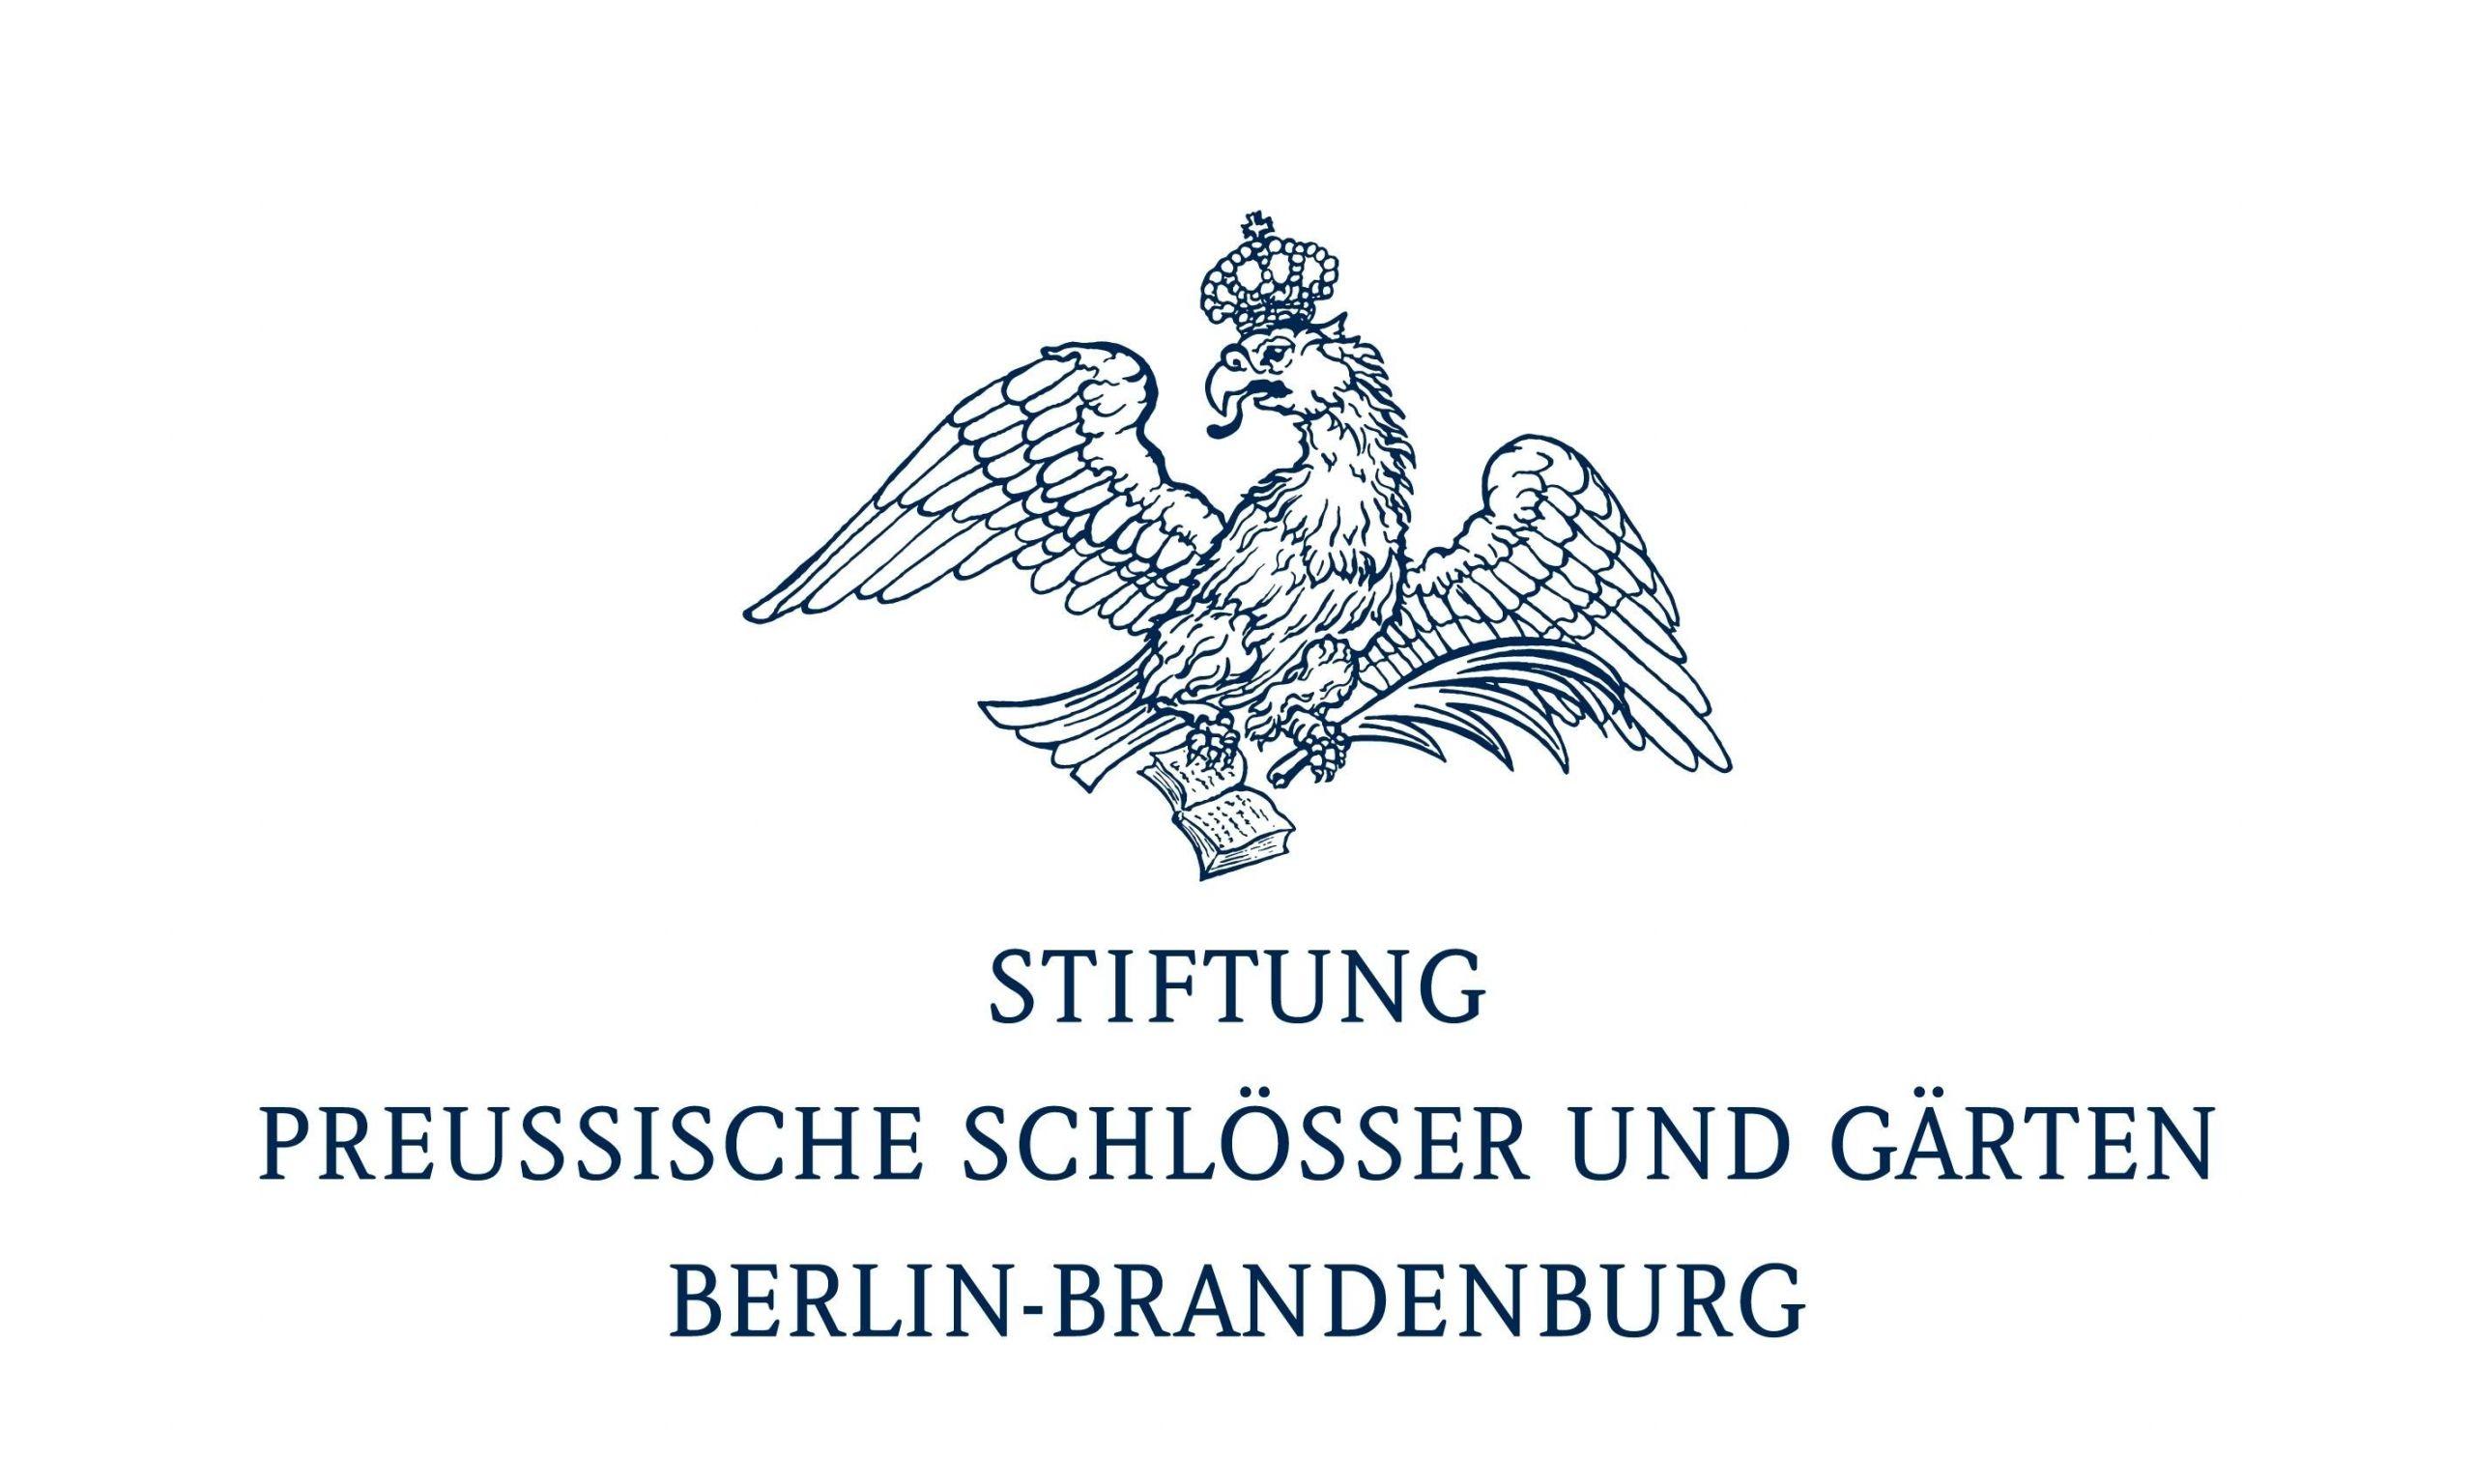 stiftung preussische schloesser